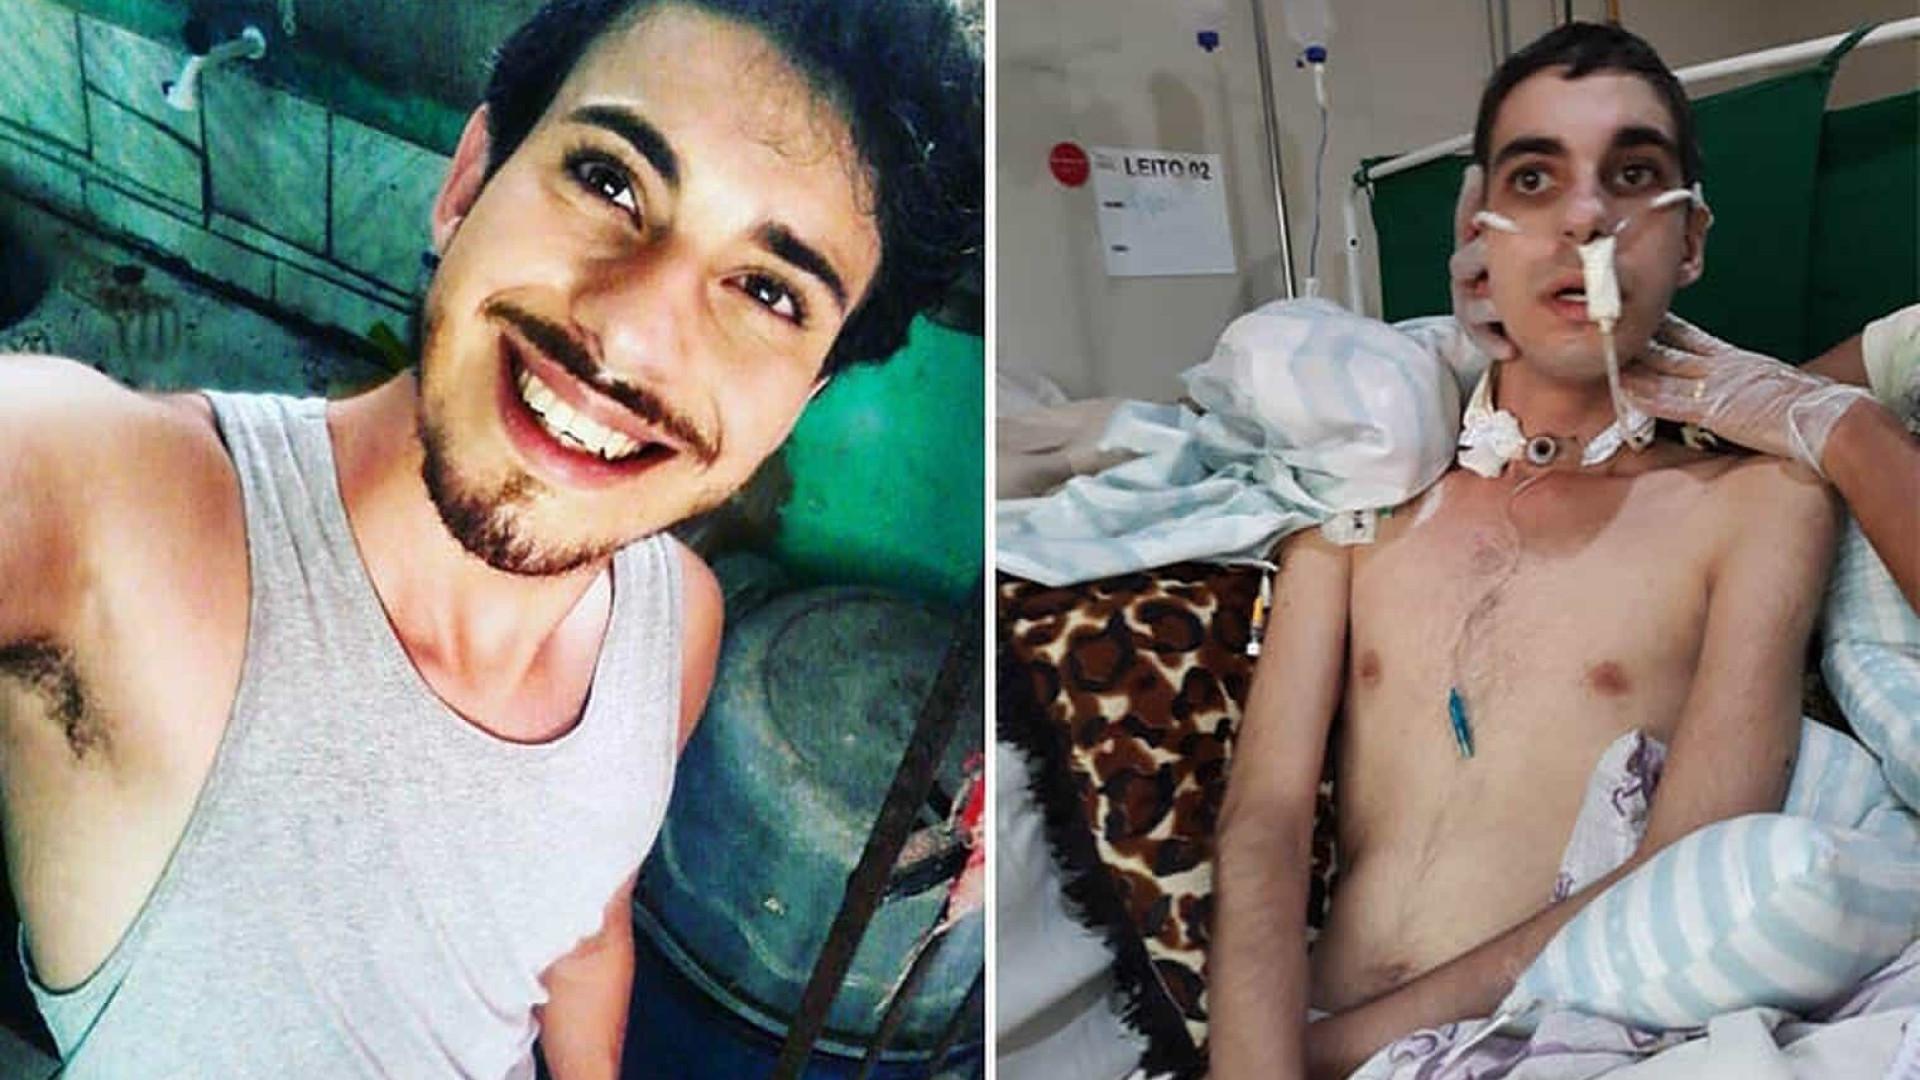 Polícia prende suspeito de brutal ataque homofóbico em PE